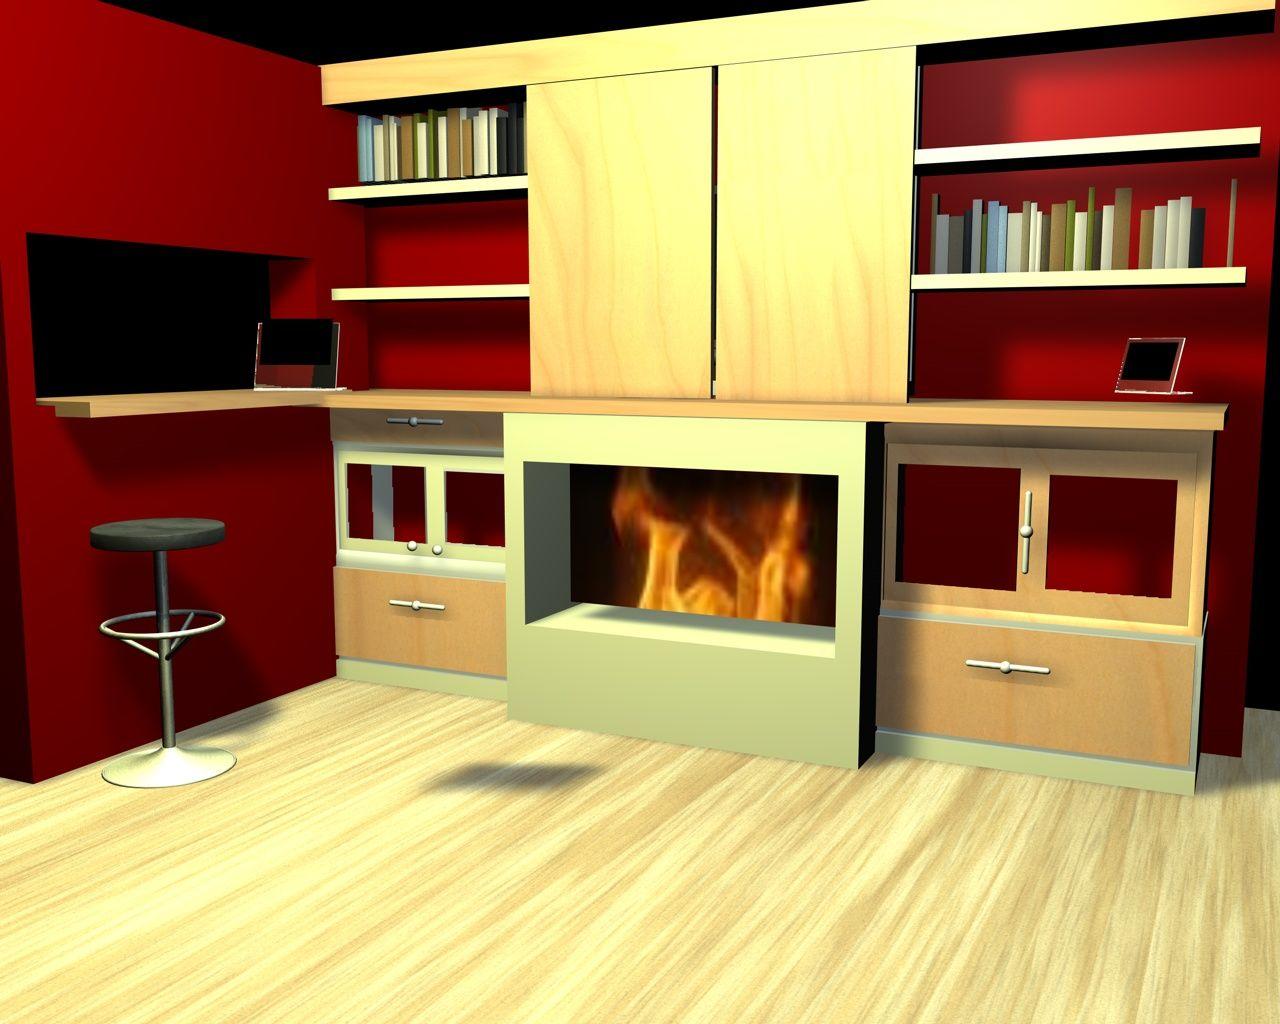 Diseño De Mueble Para Salon Con Chimenea Y Television Escondida